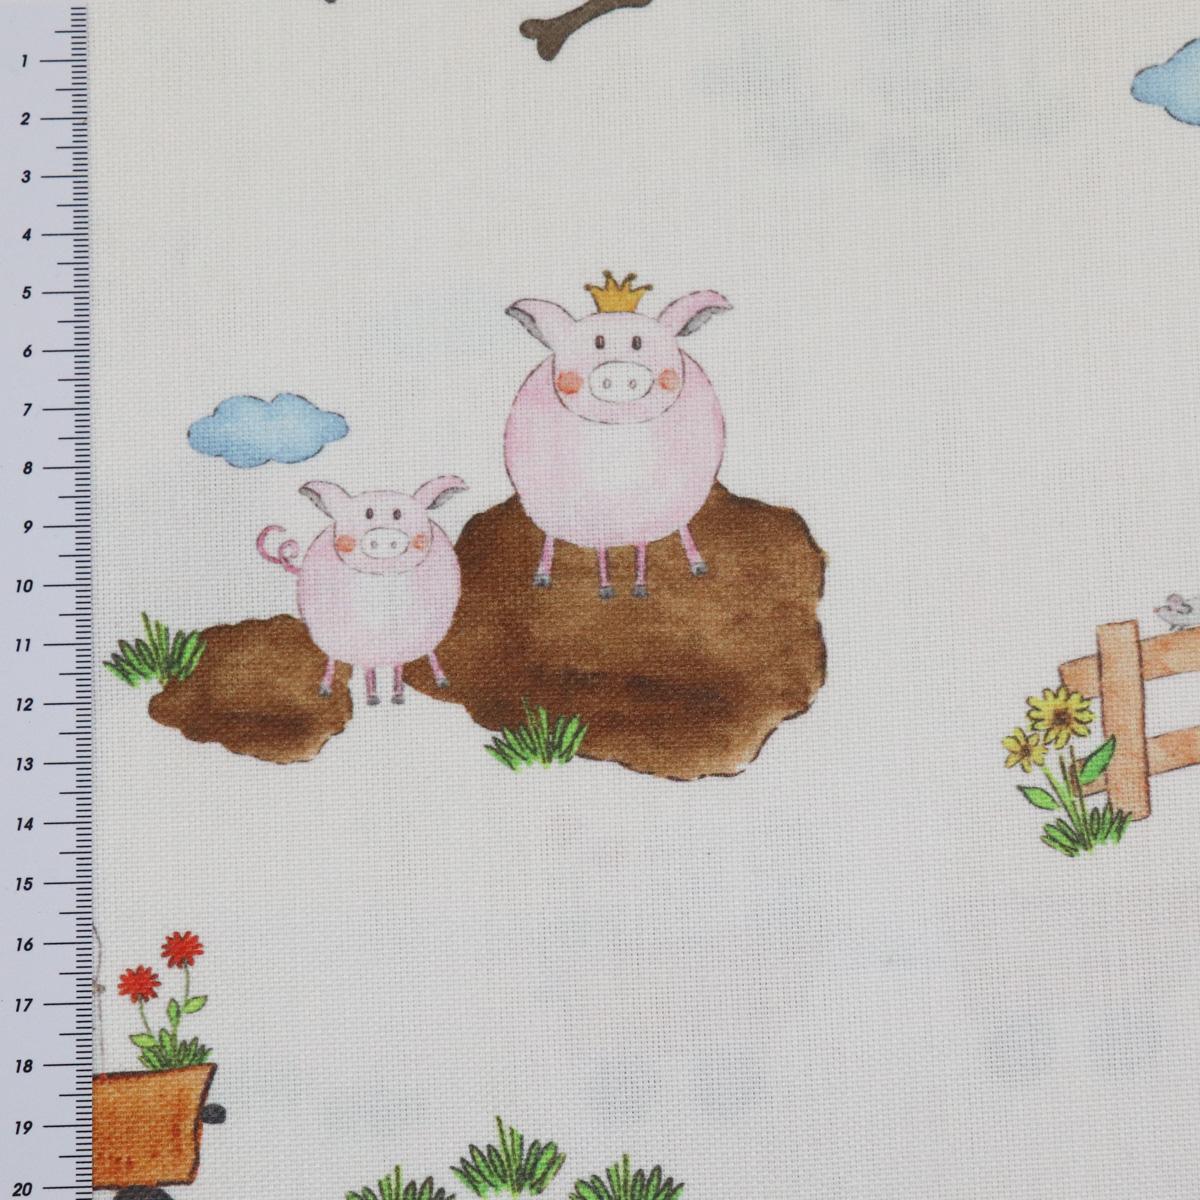 gardinenstoff stoff dekostoff hofgaudi bauernhof traktor tiere creme bunt stoffe wohnstoffe. Black Bedroom Furniture Sets. Home Design Ideas